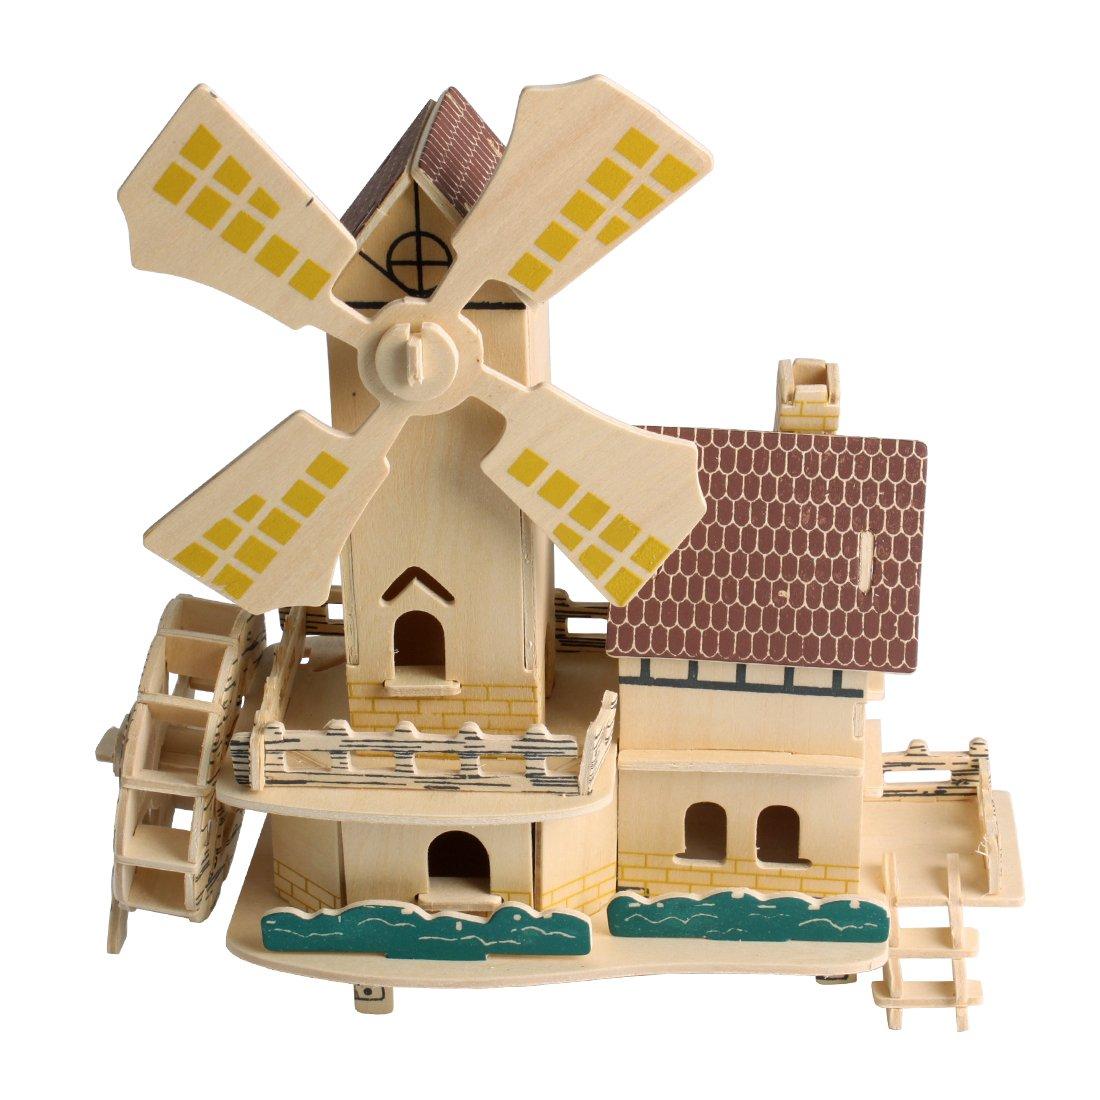 Andux Wooden 3D Puzzle Construction Kit